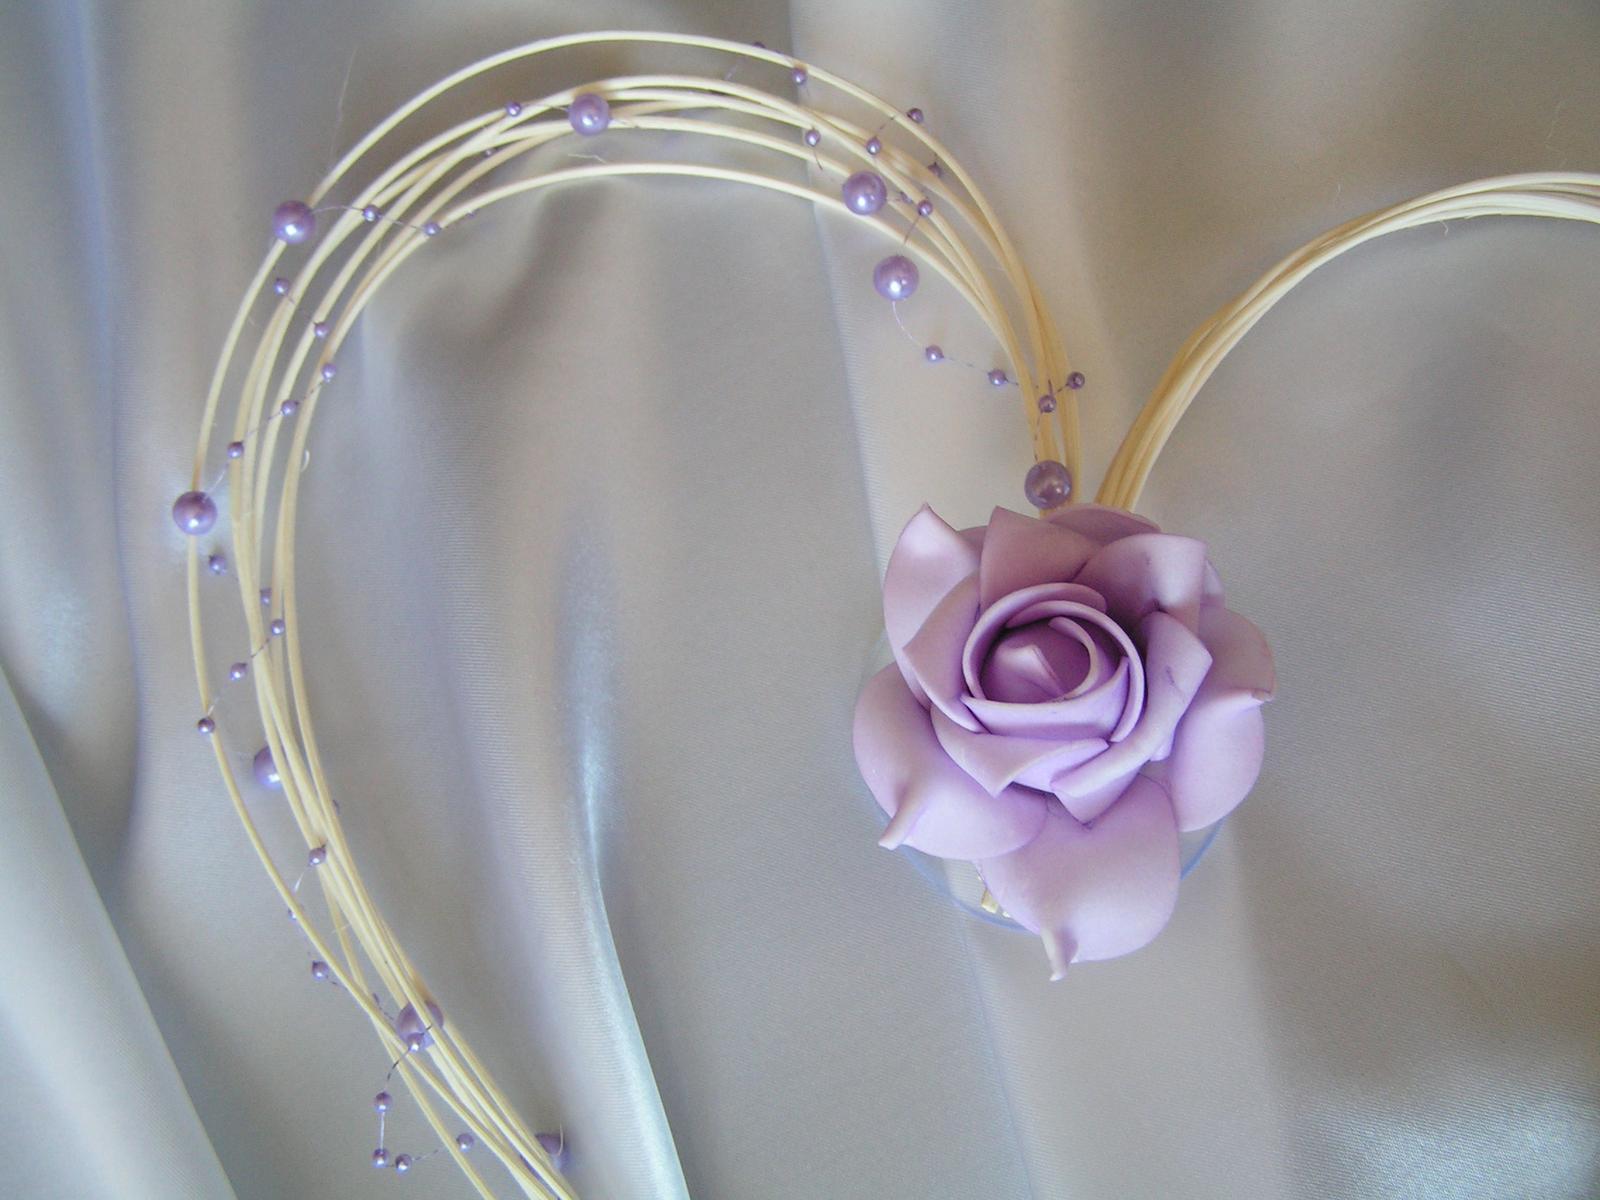 Pedigové srdce - 30 cm - Obrázek č. 3